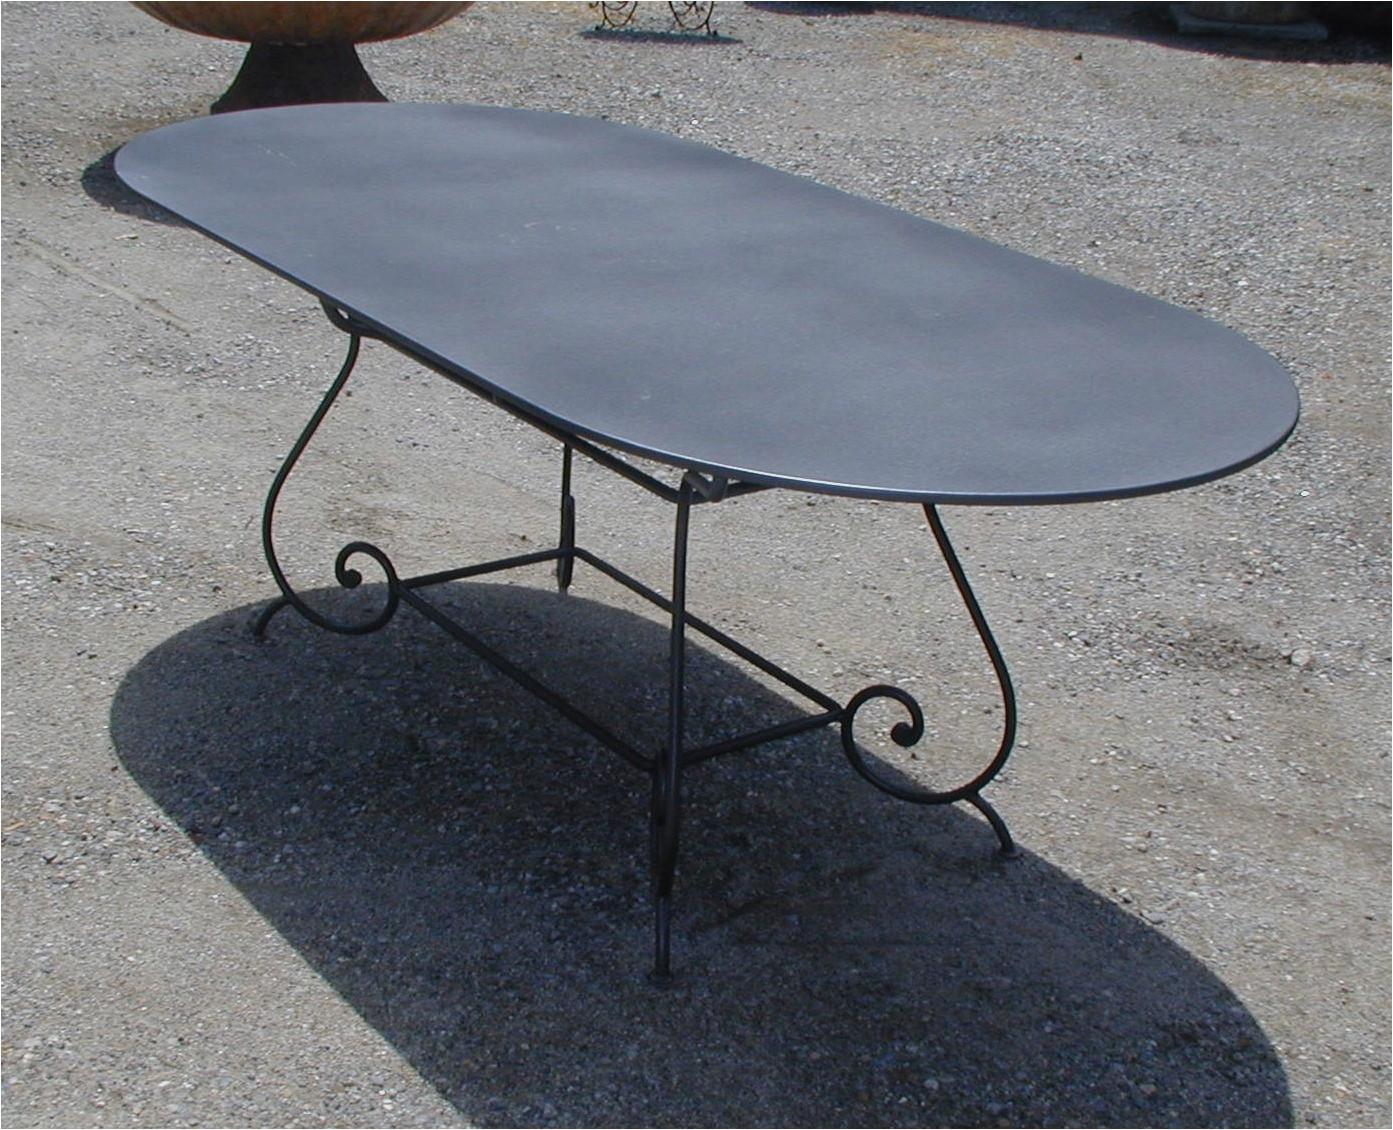 prix salon de jardin ancien en fer forg jardin piscine. Black Bedroom Furniture Sets. Home Design Ideas